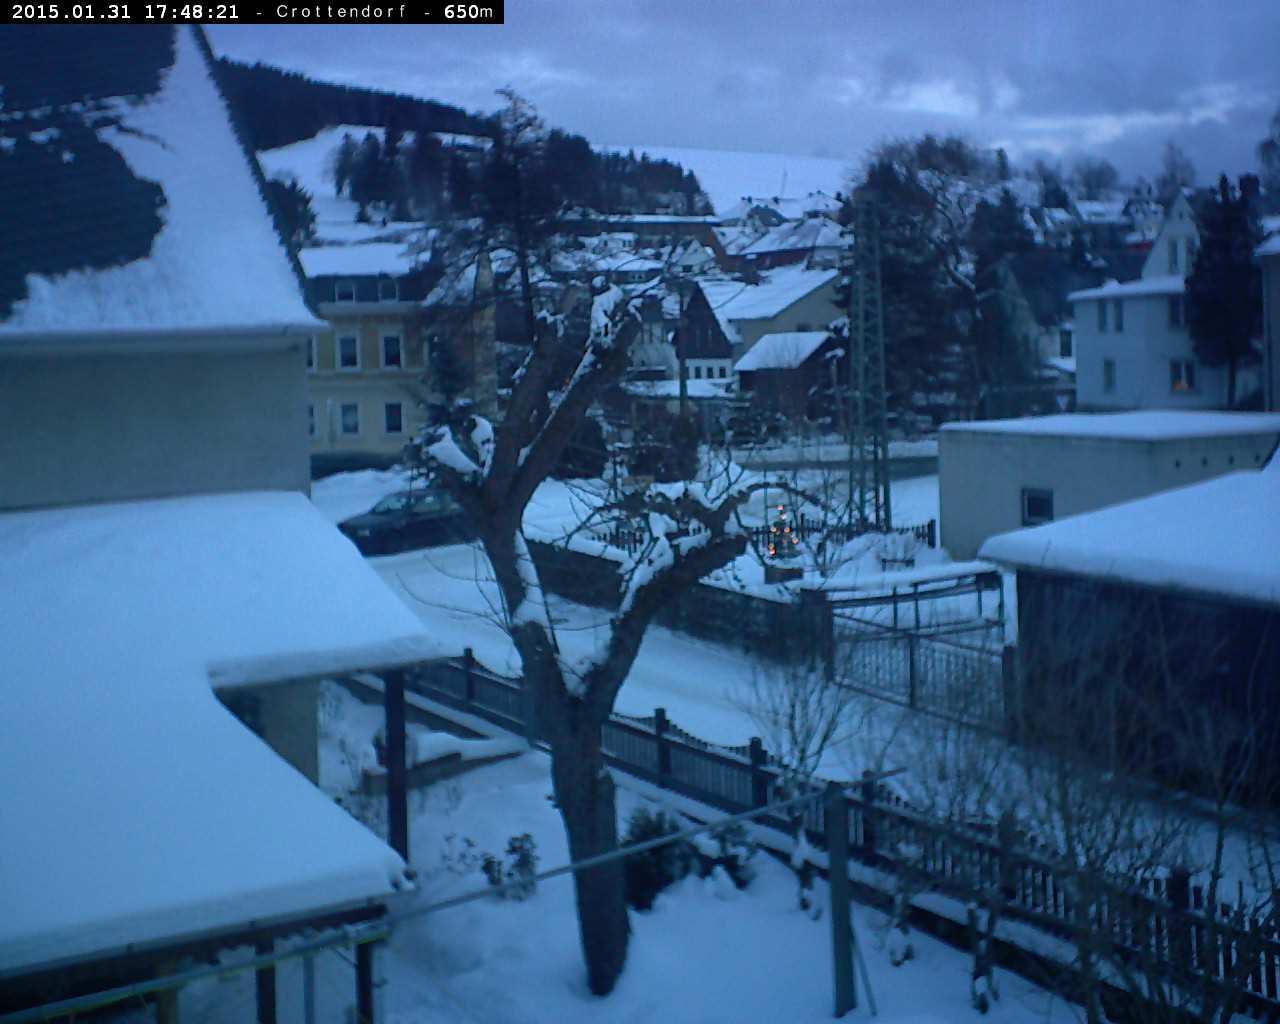 Webcam Ski Resort Crottendorf cam 2 - Ore Mountains